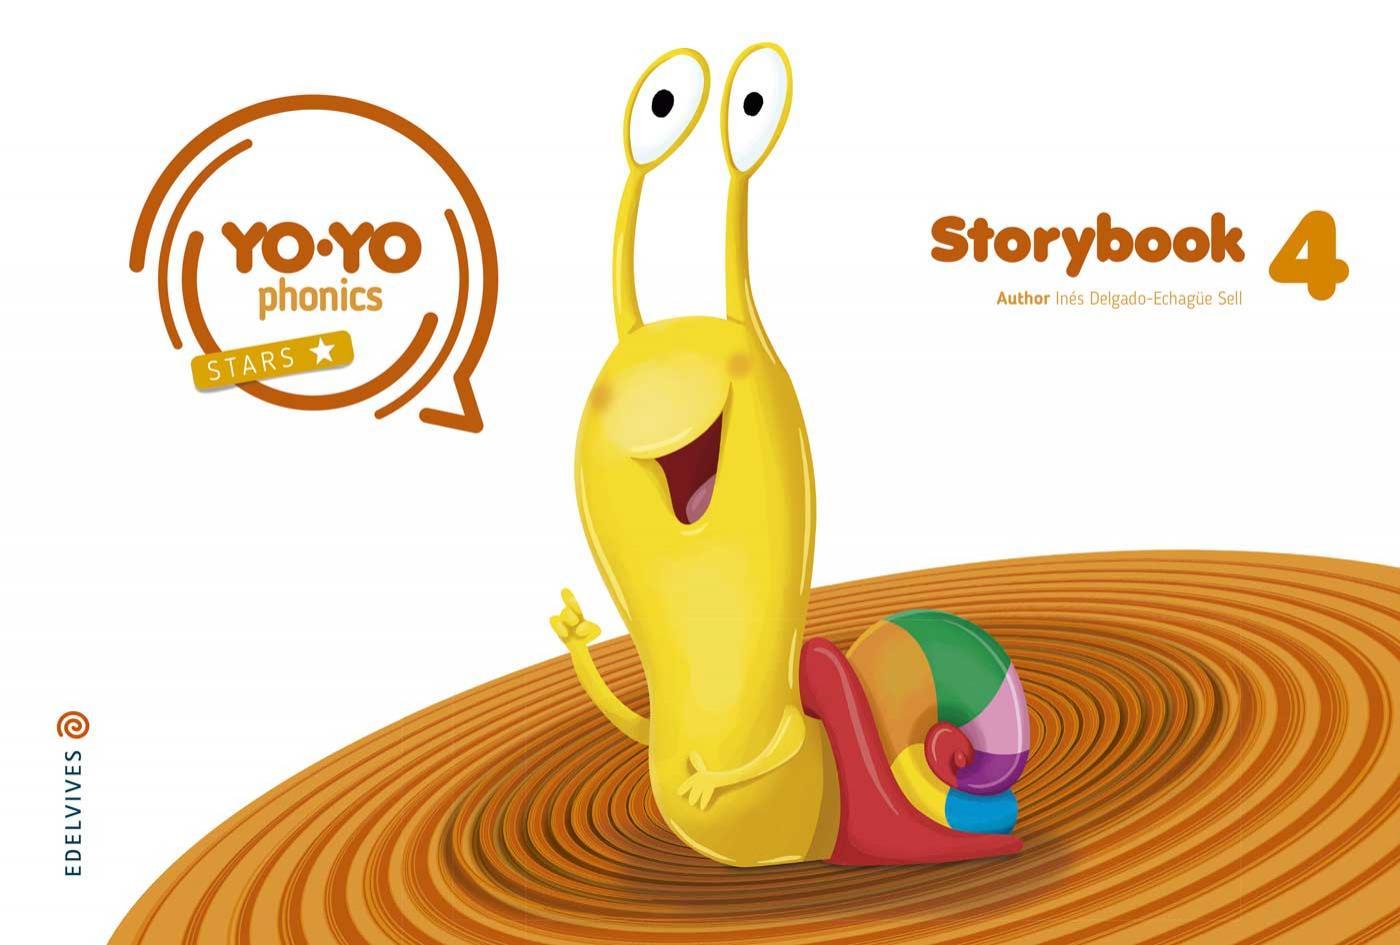 LIBRO DE TEXTO - 3 INFANTIL YOYO PHONICS STORYBOOK 4 5 AÑOS